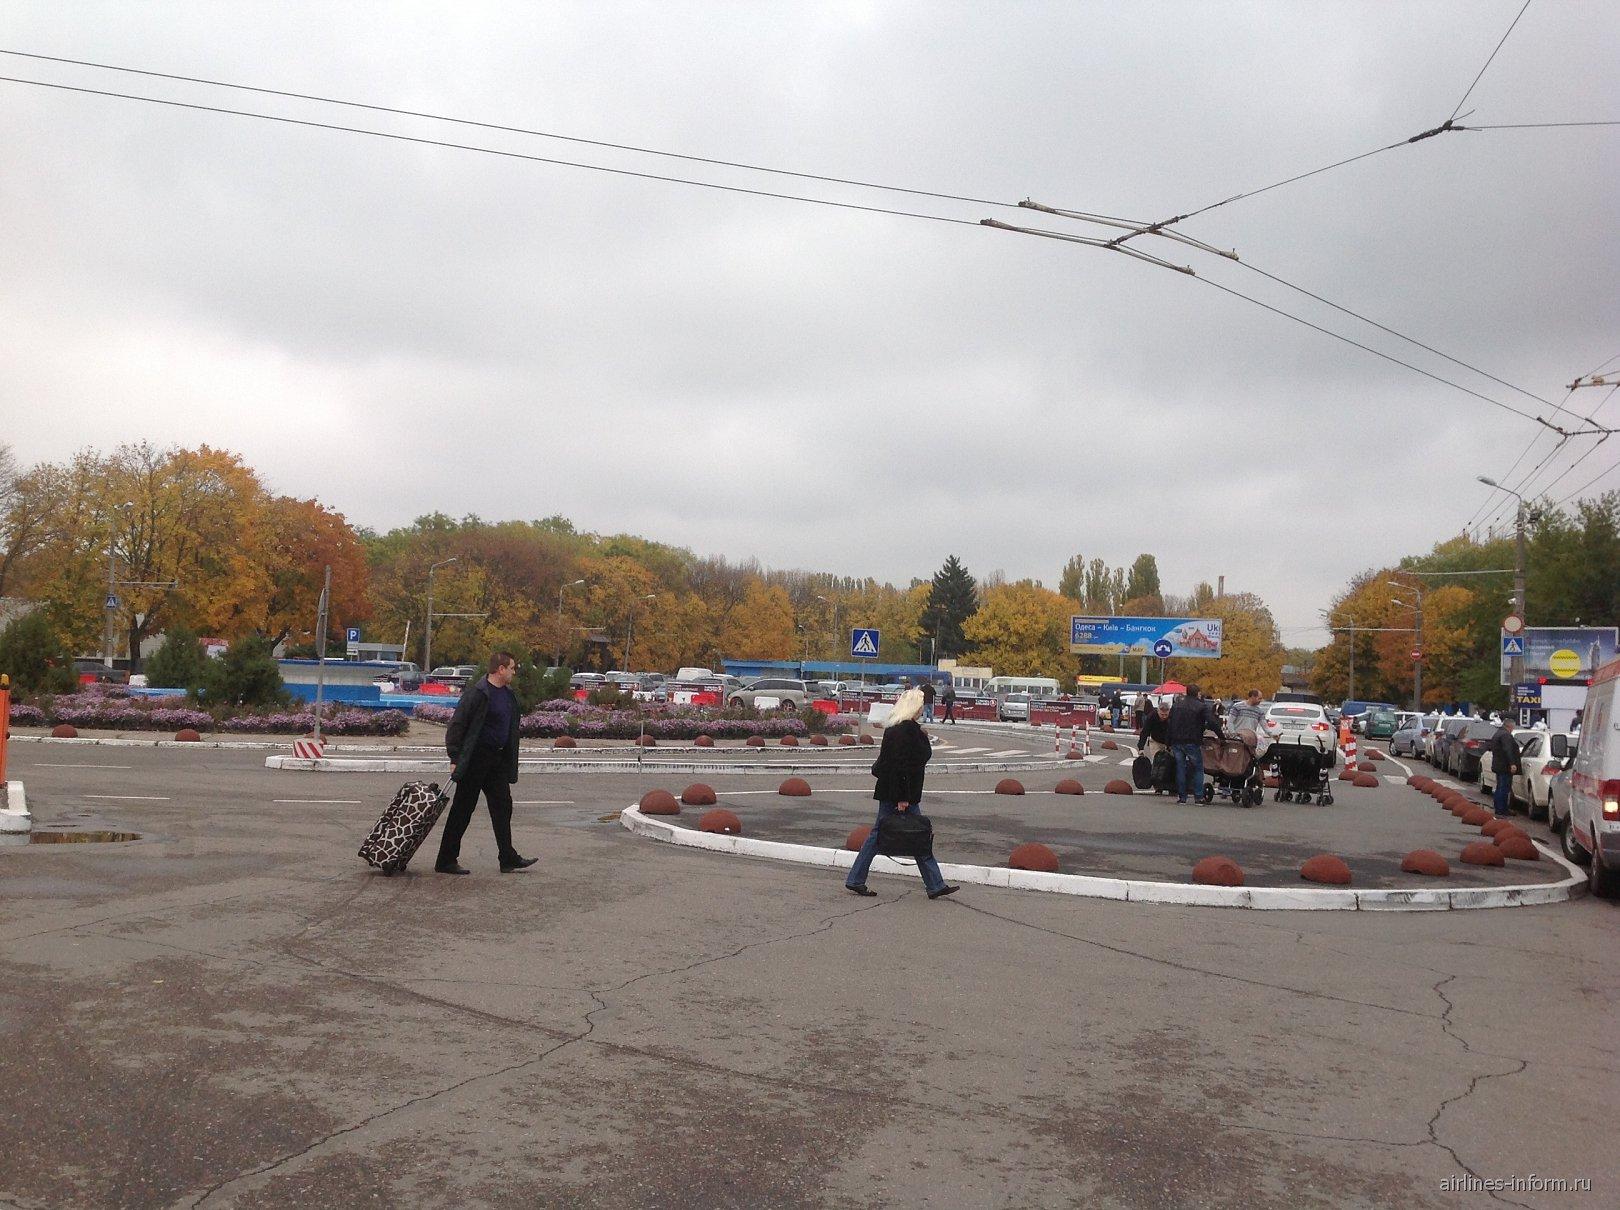 Привокзальная площадь аэропорта Одесса